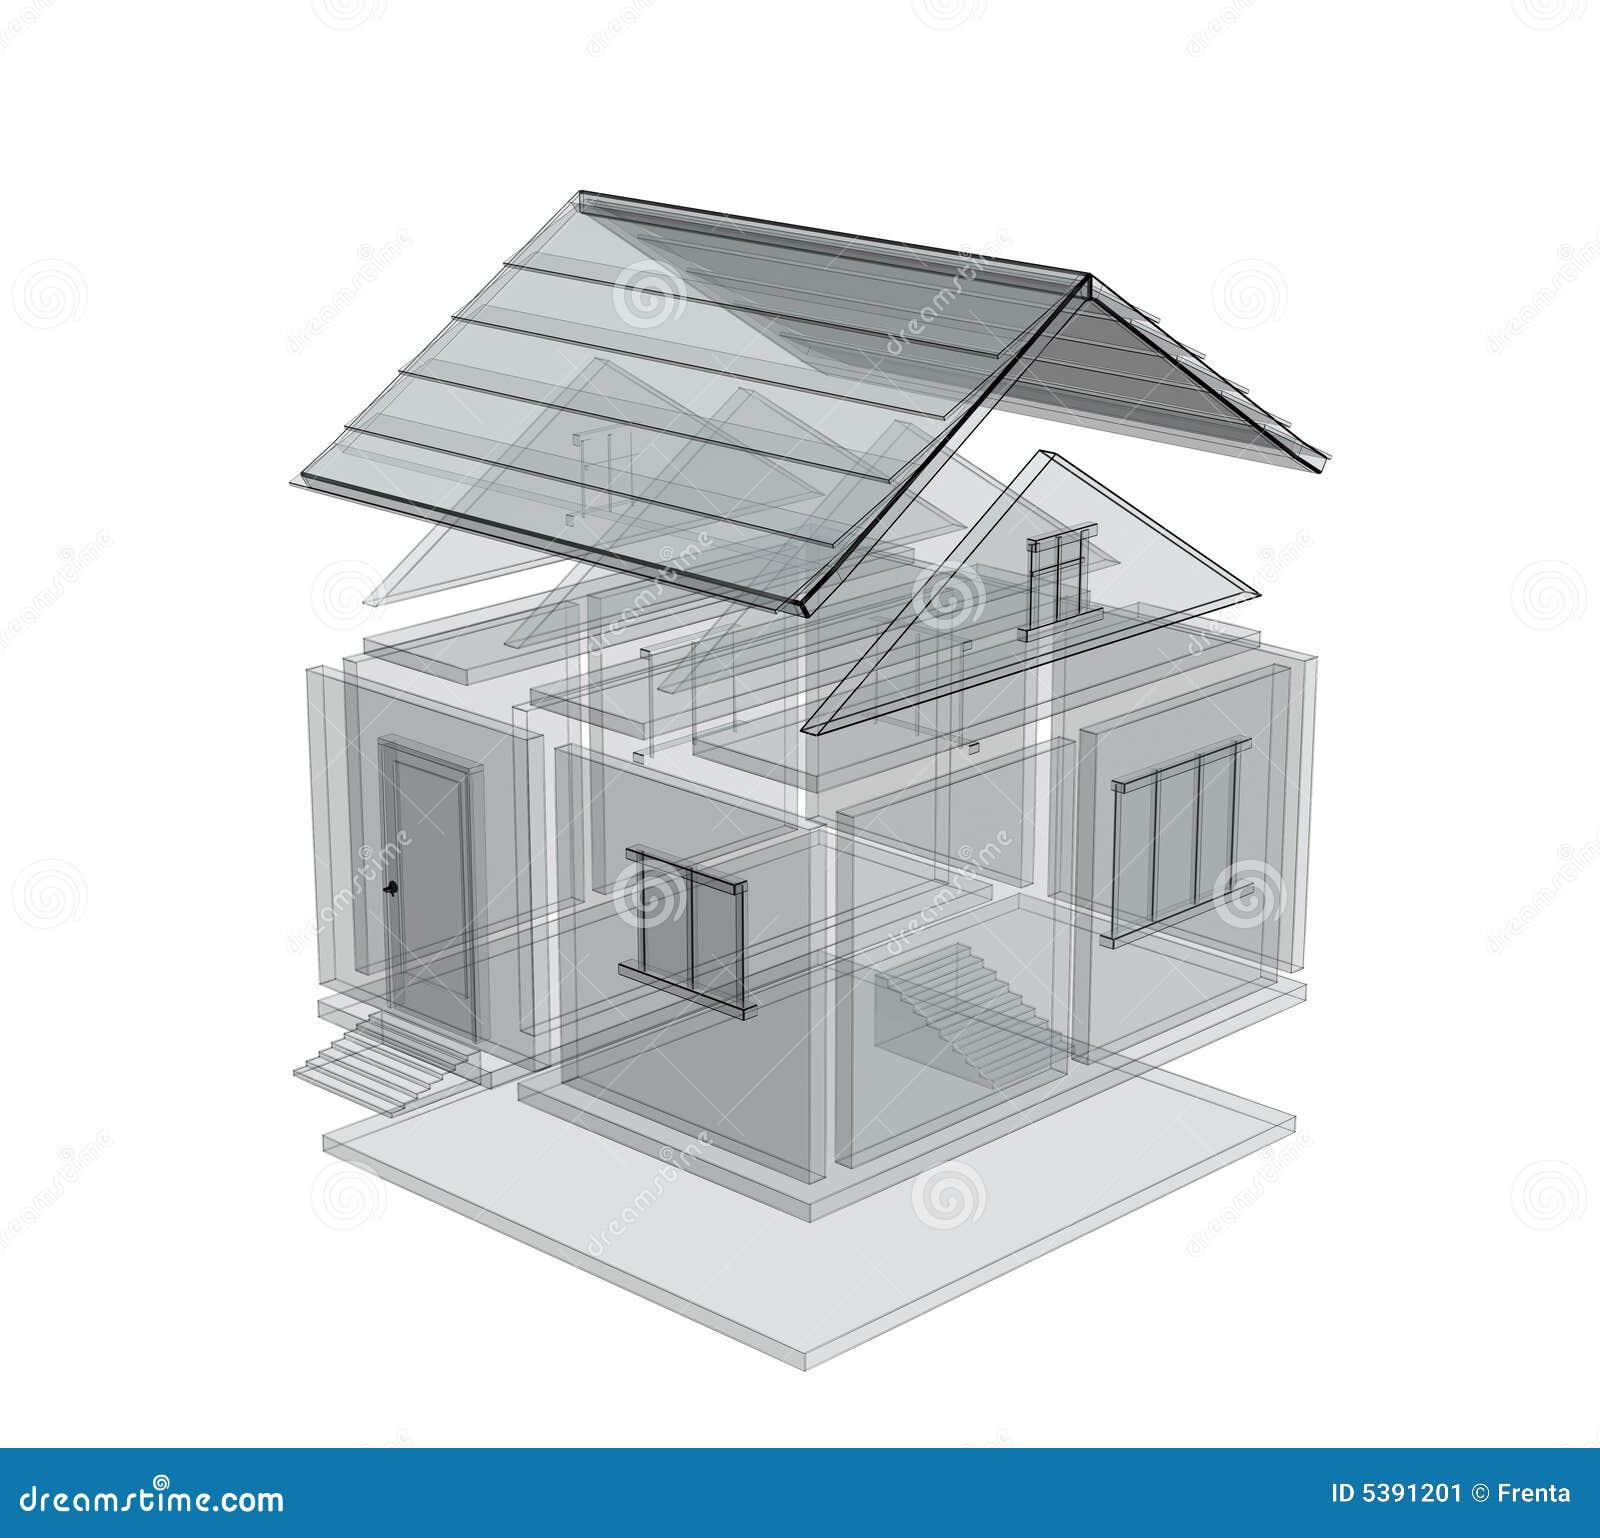 croquis 3d d 39 une maison image stock image 5391201